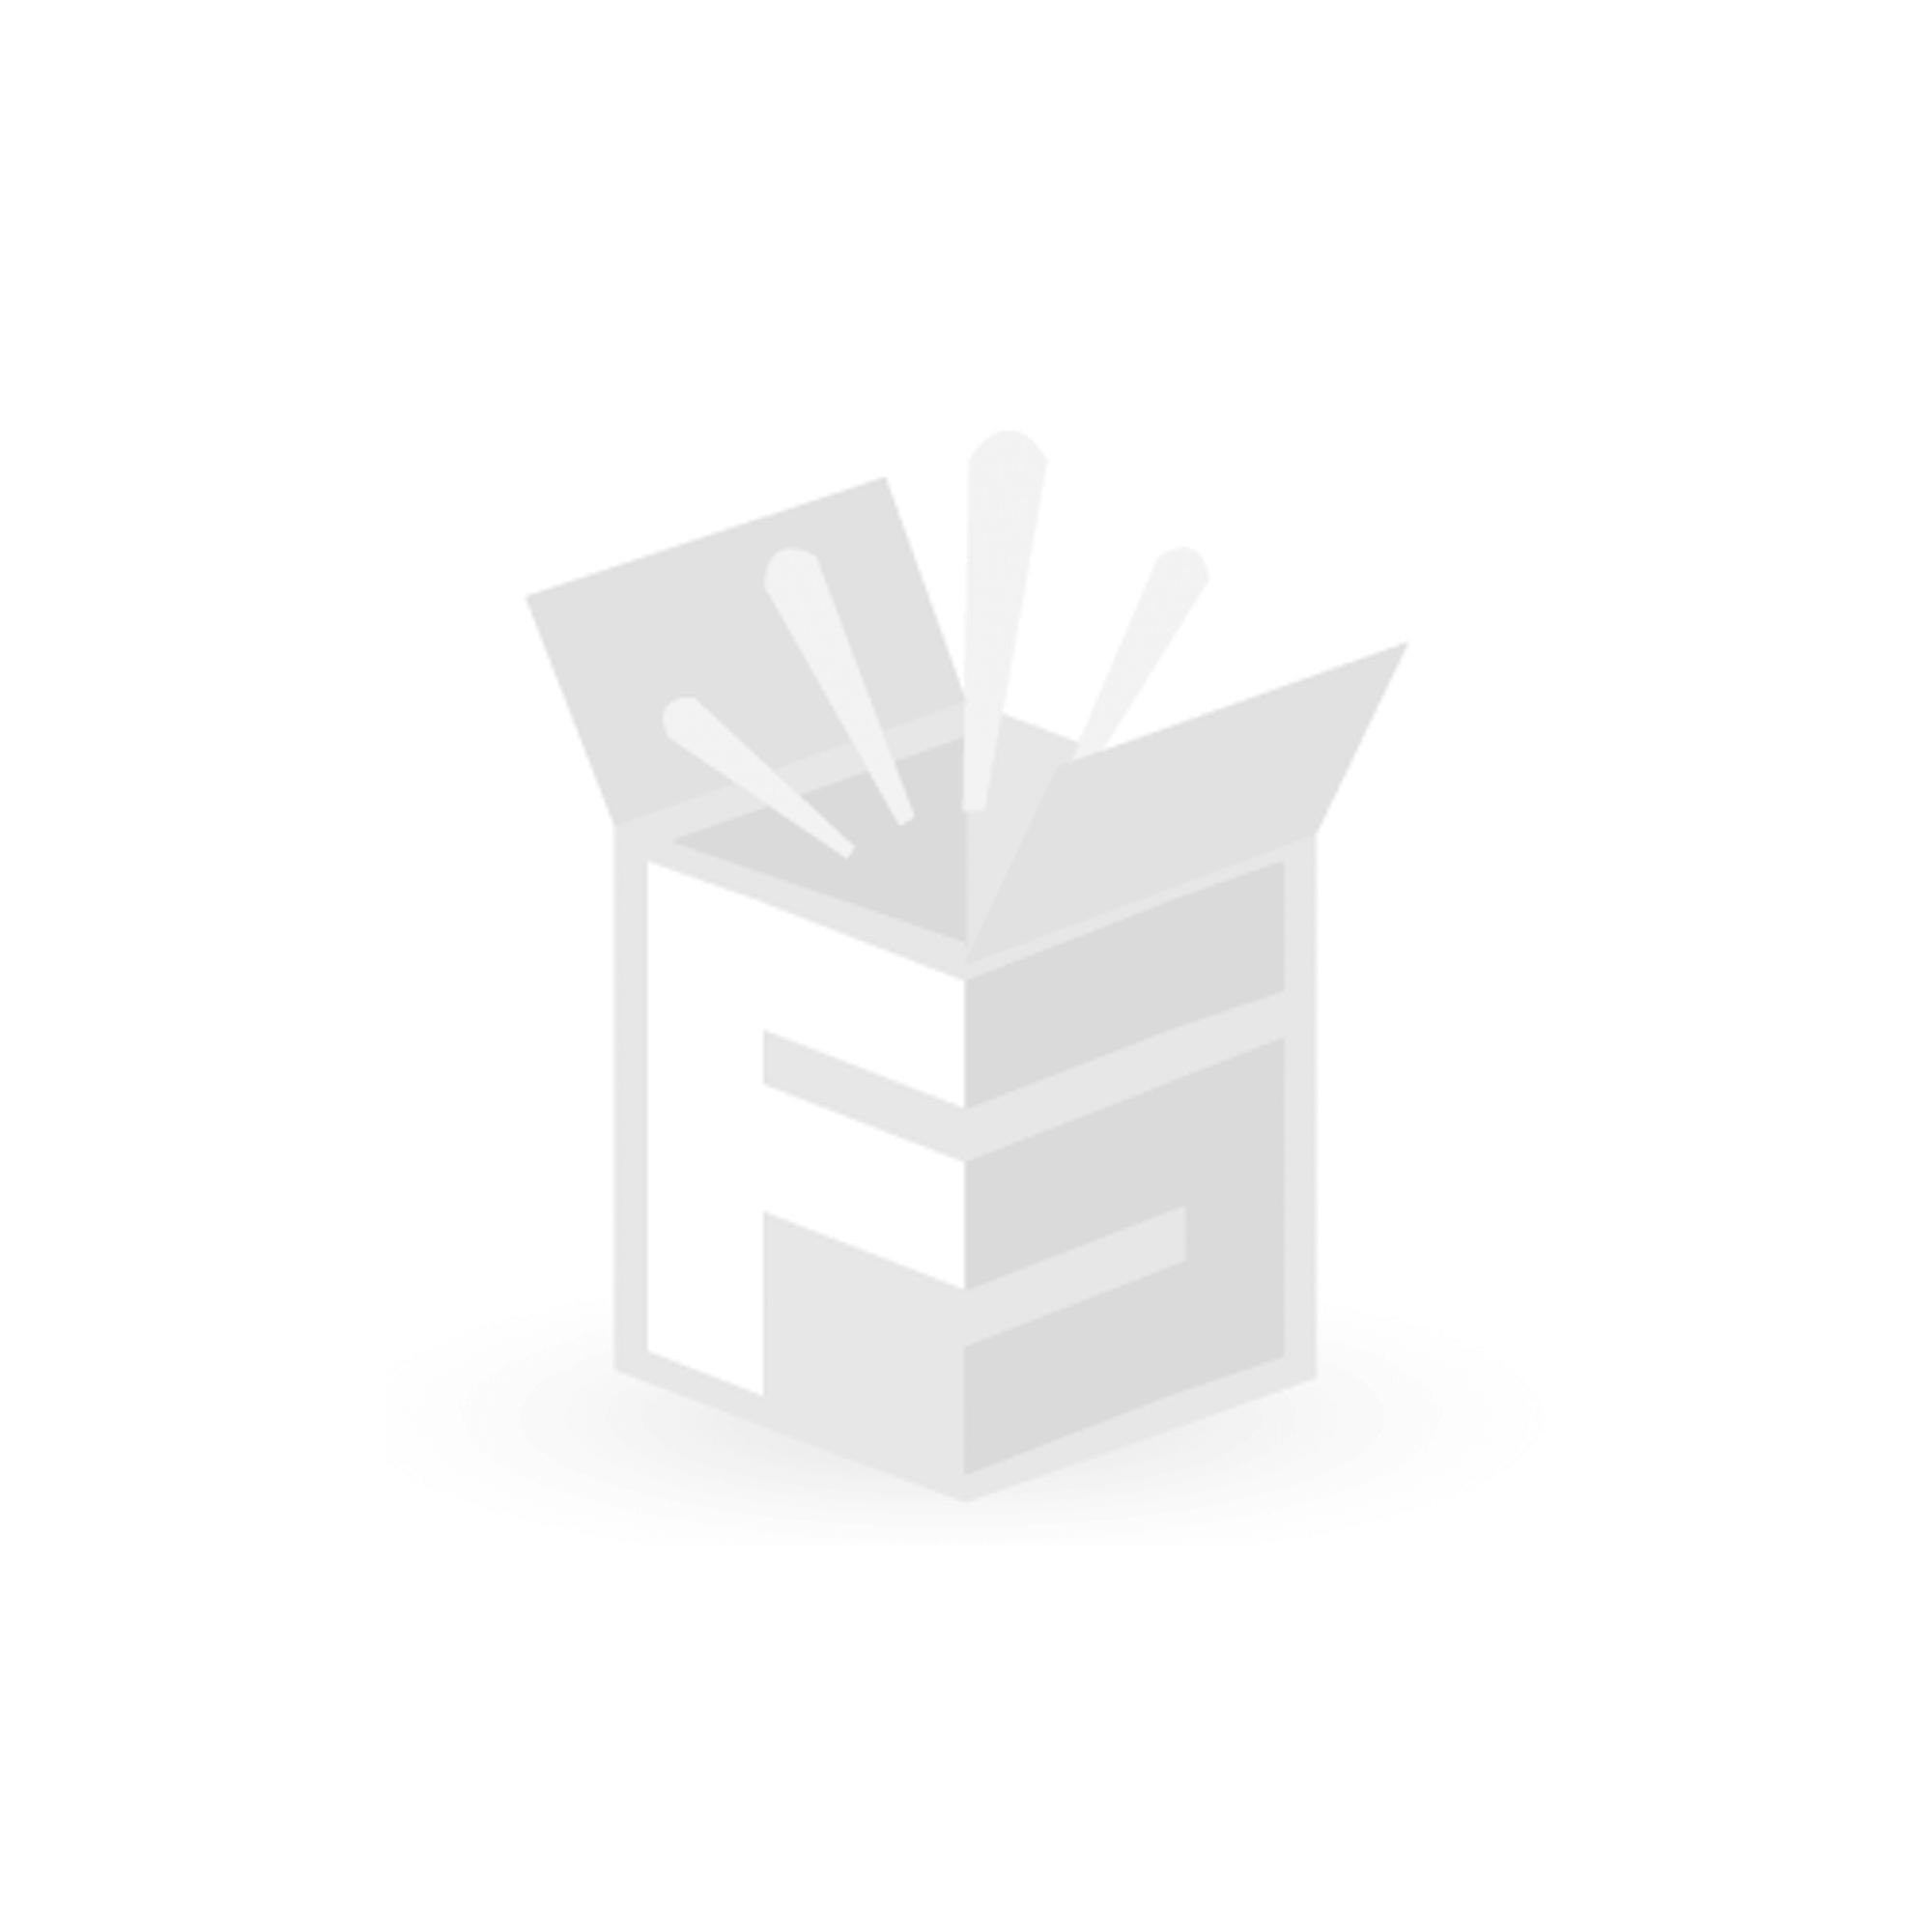 Bosch Bohrerset Pro Box HSS PointTeQ, 19-teilig